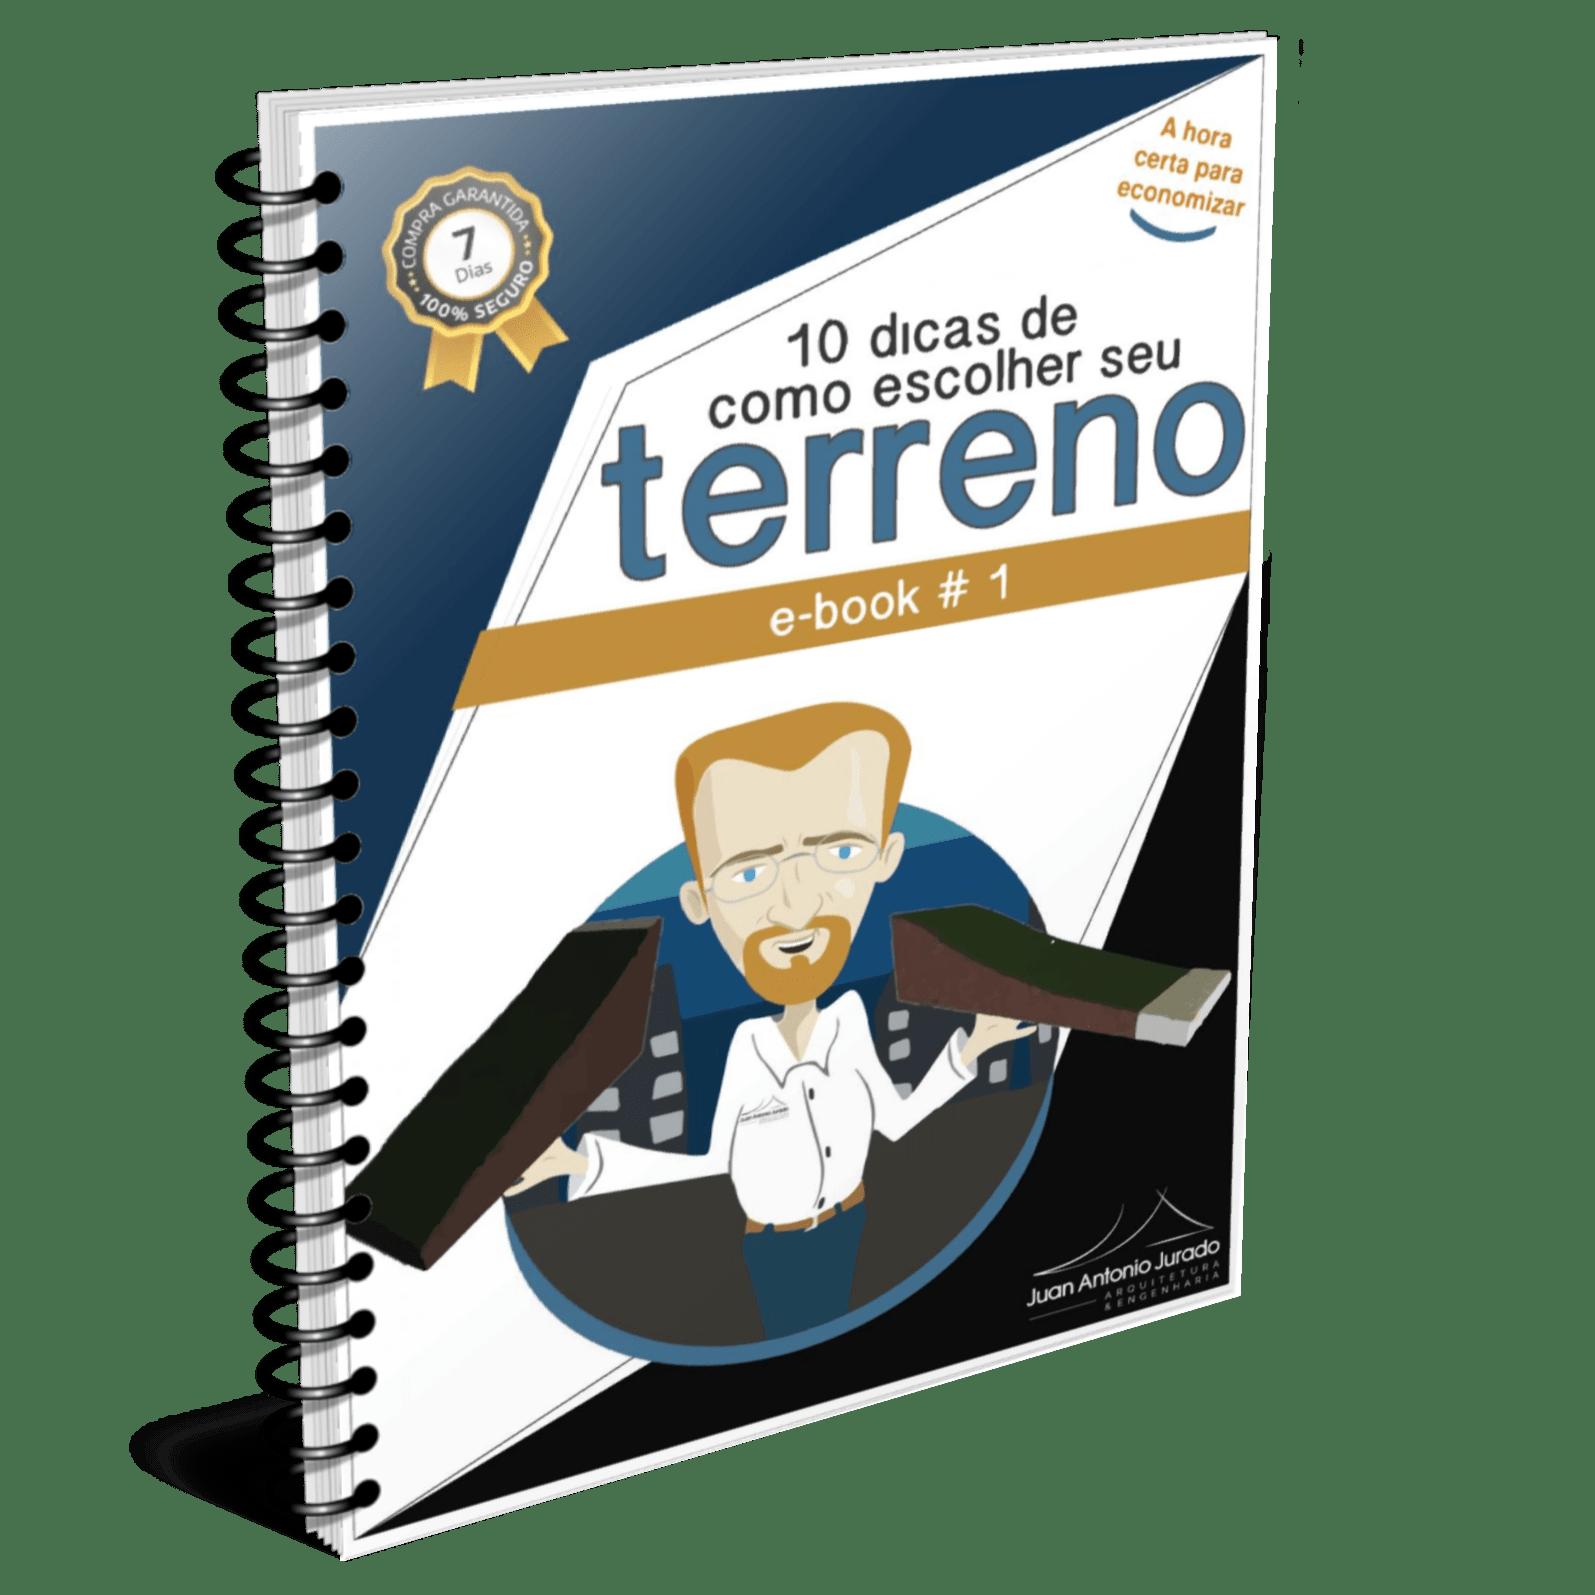 001 Ebook Terreno